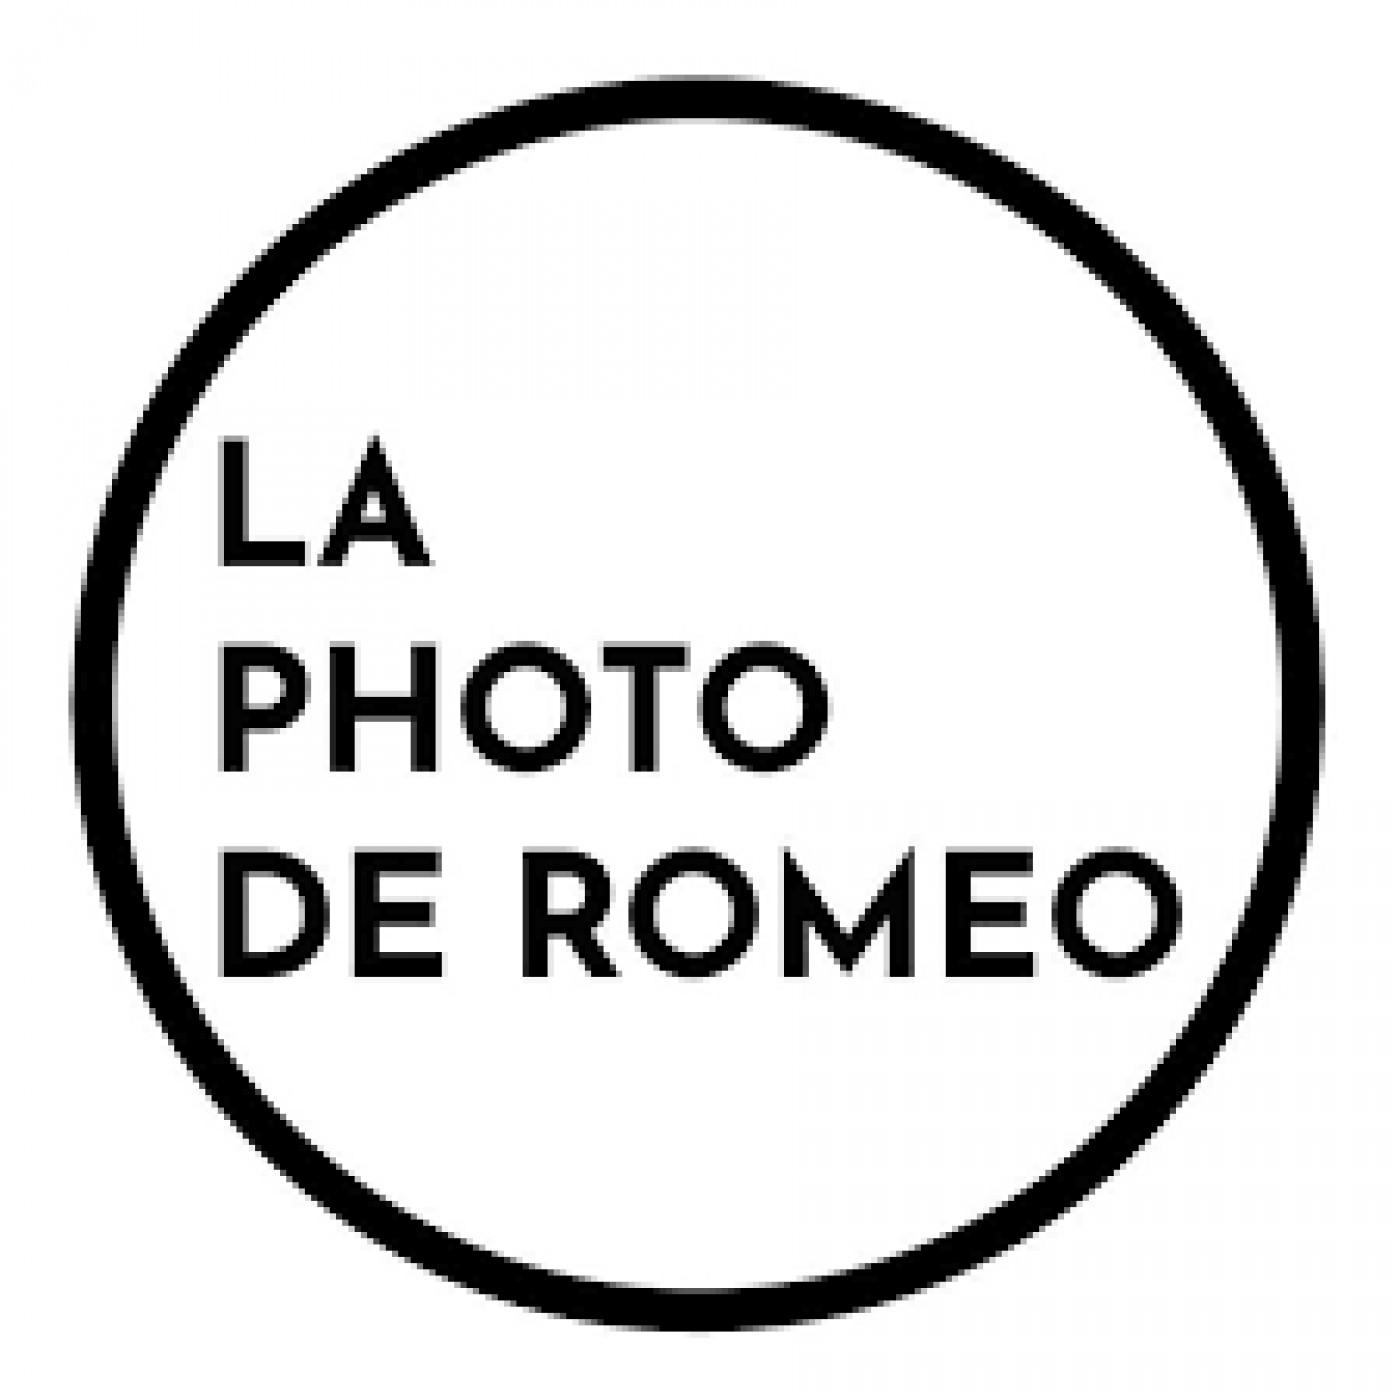 Laphotoderomeo : on regarde une photo de Siegfried Hanson - Jeudi 3 décembre 2020